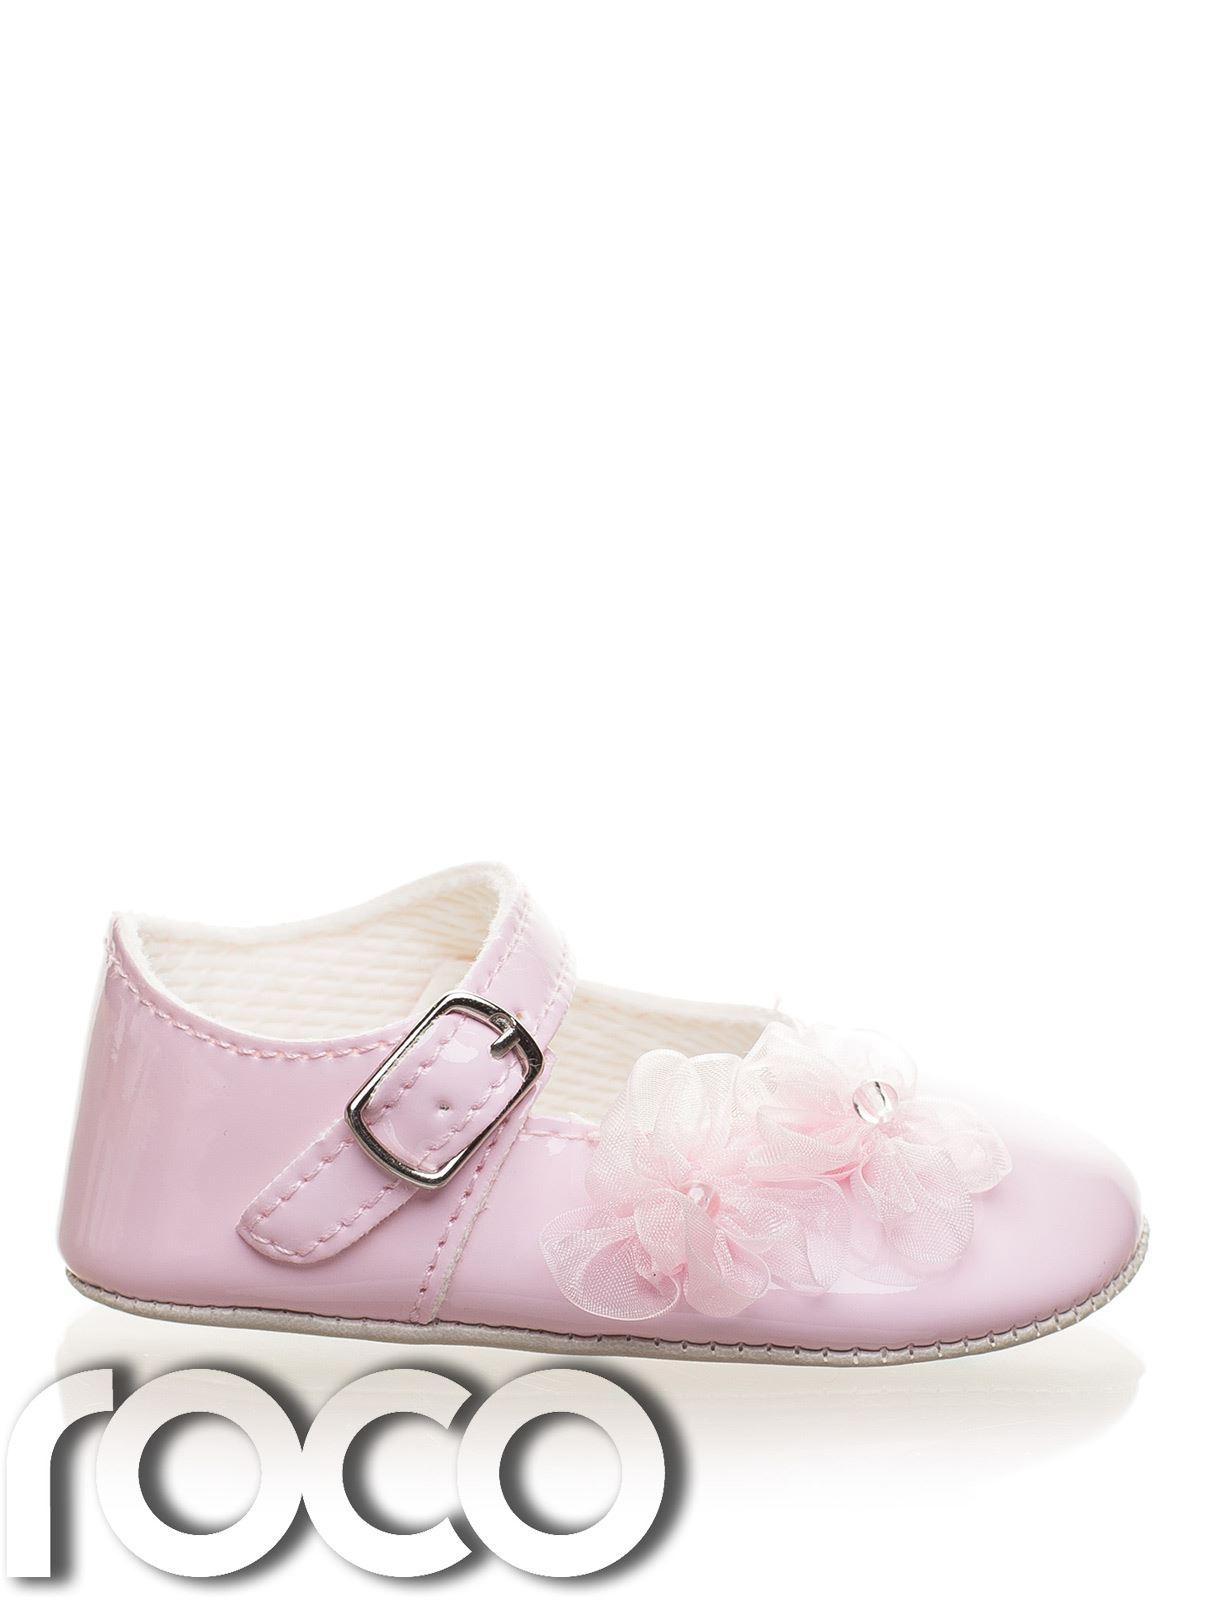 Bautizo Del Bebé Niñas Zapatos, Zapato de bebé niñas abrochado Suela Suave, flores de encaje